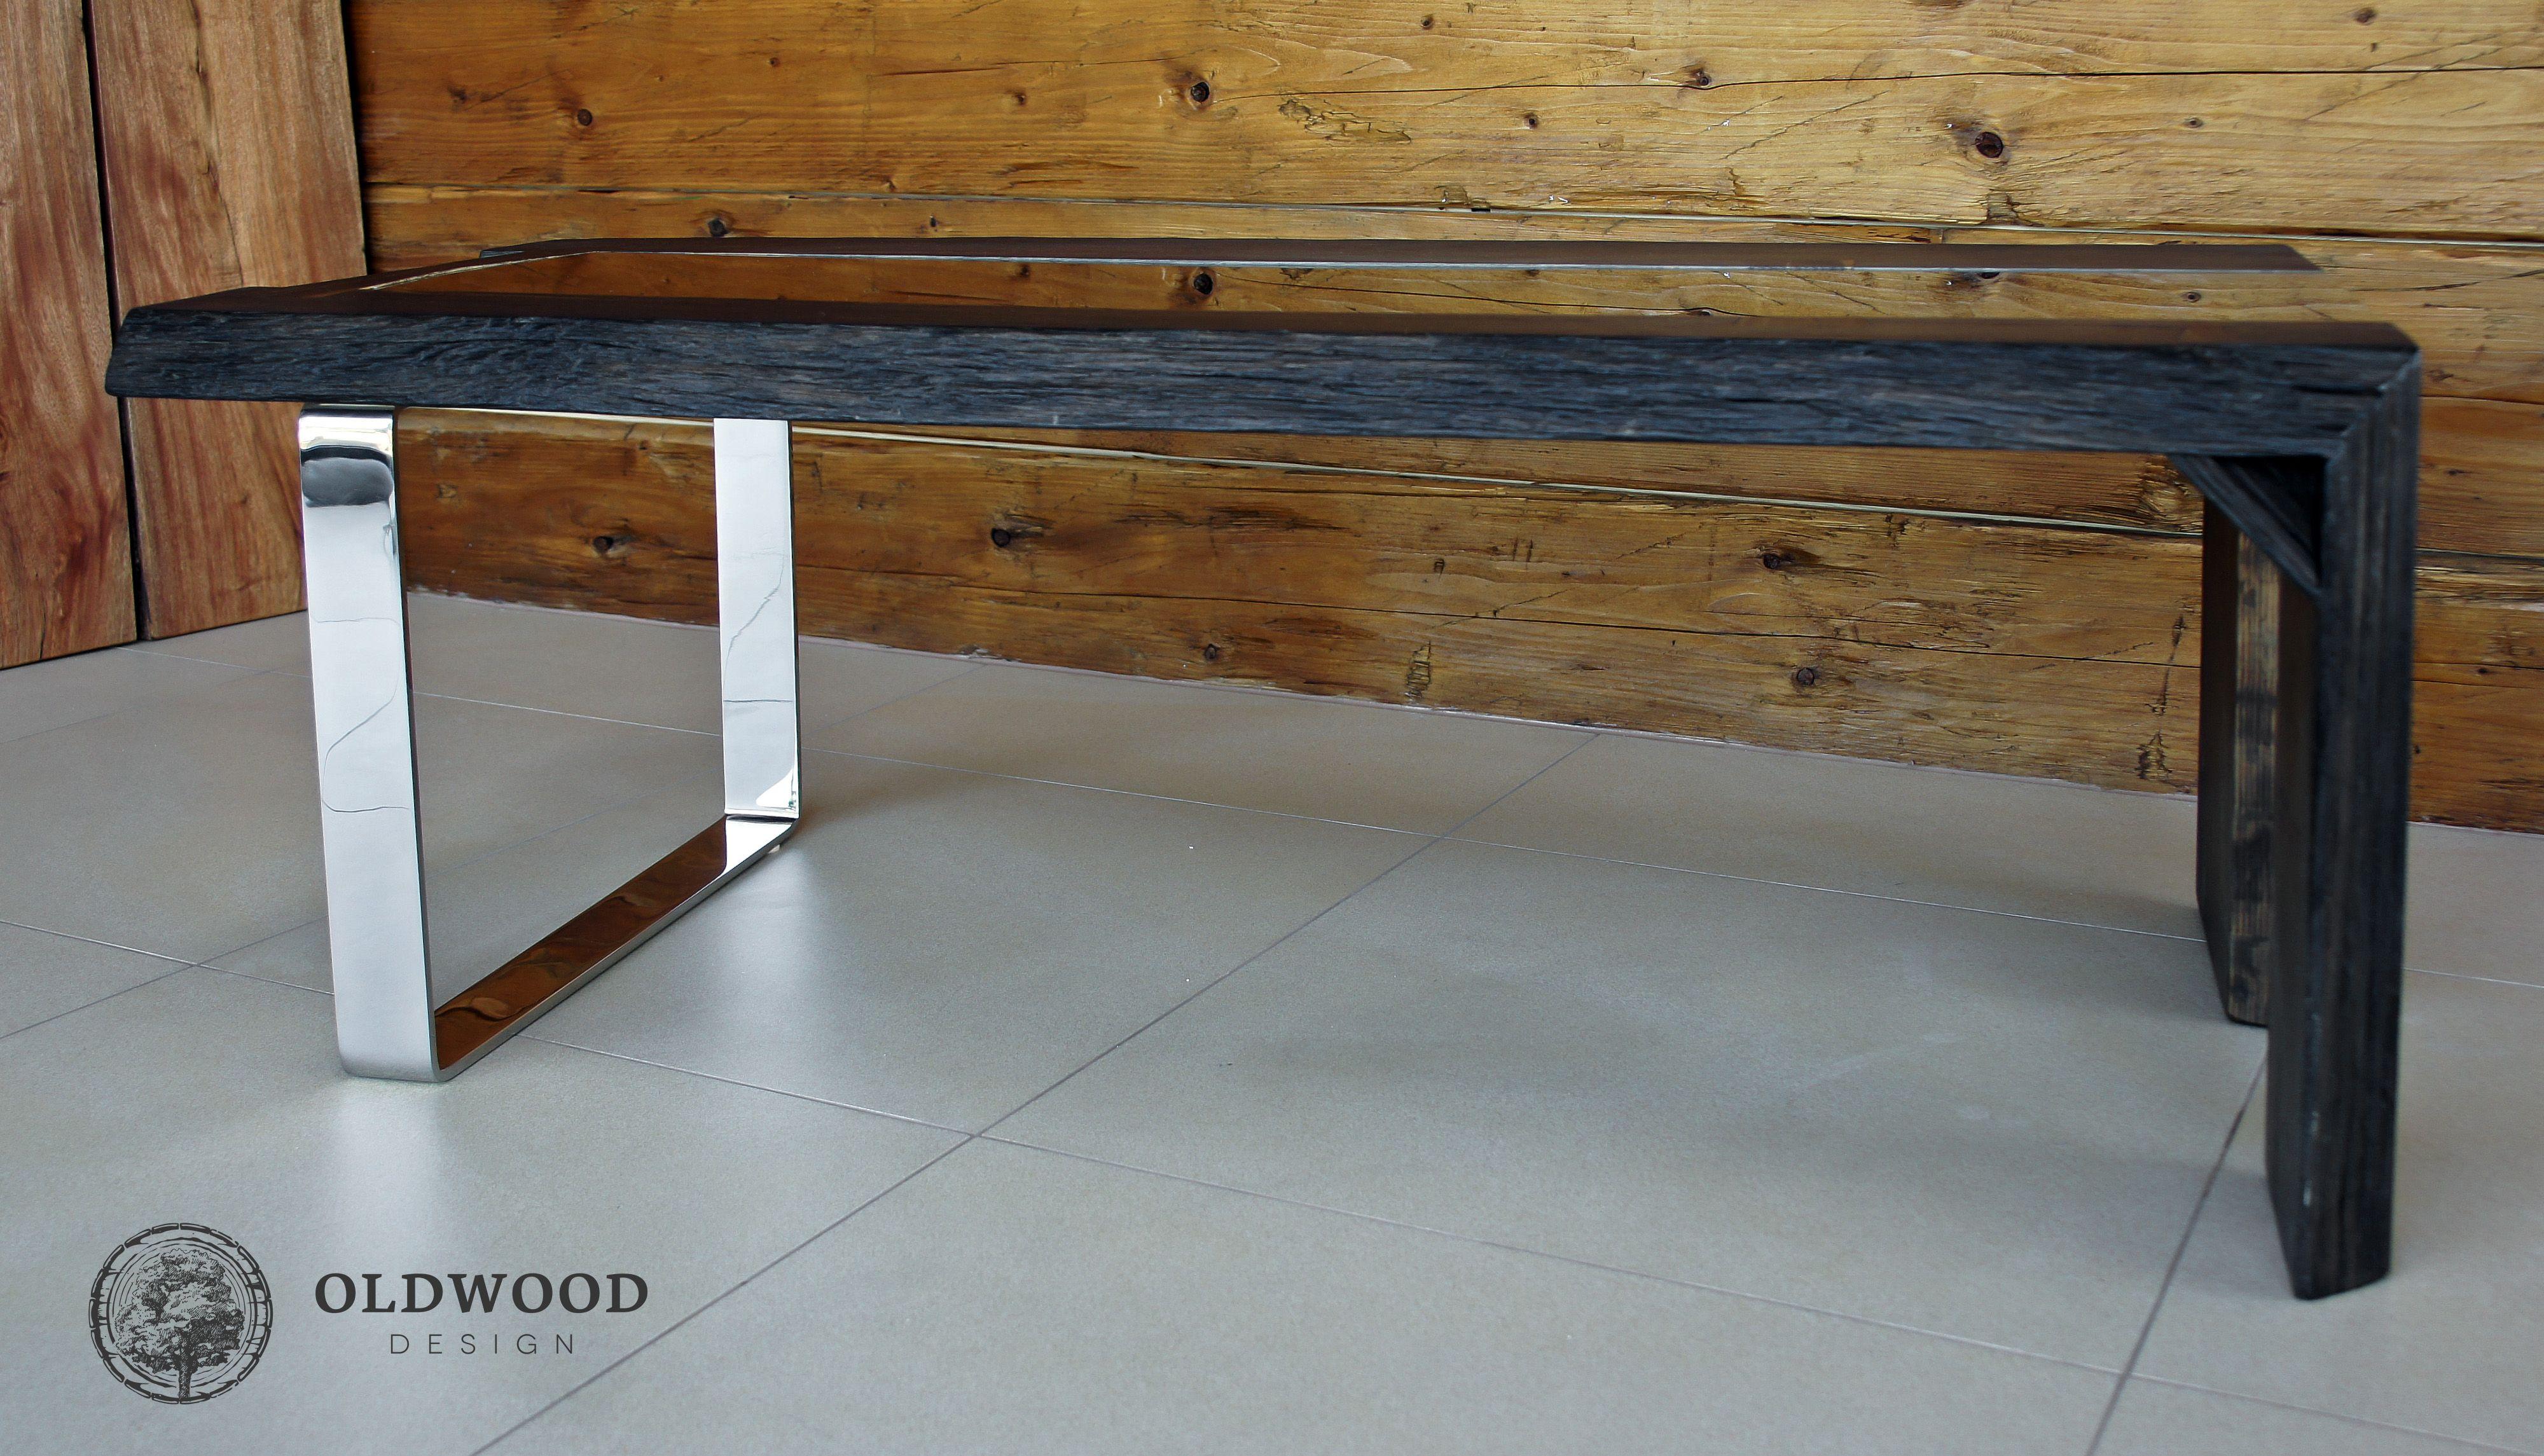 Holztisch Design mooreiche holz holzdesign vintage handmade eiche